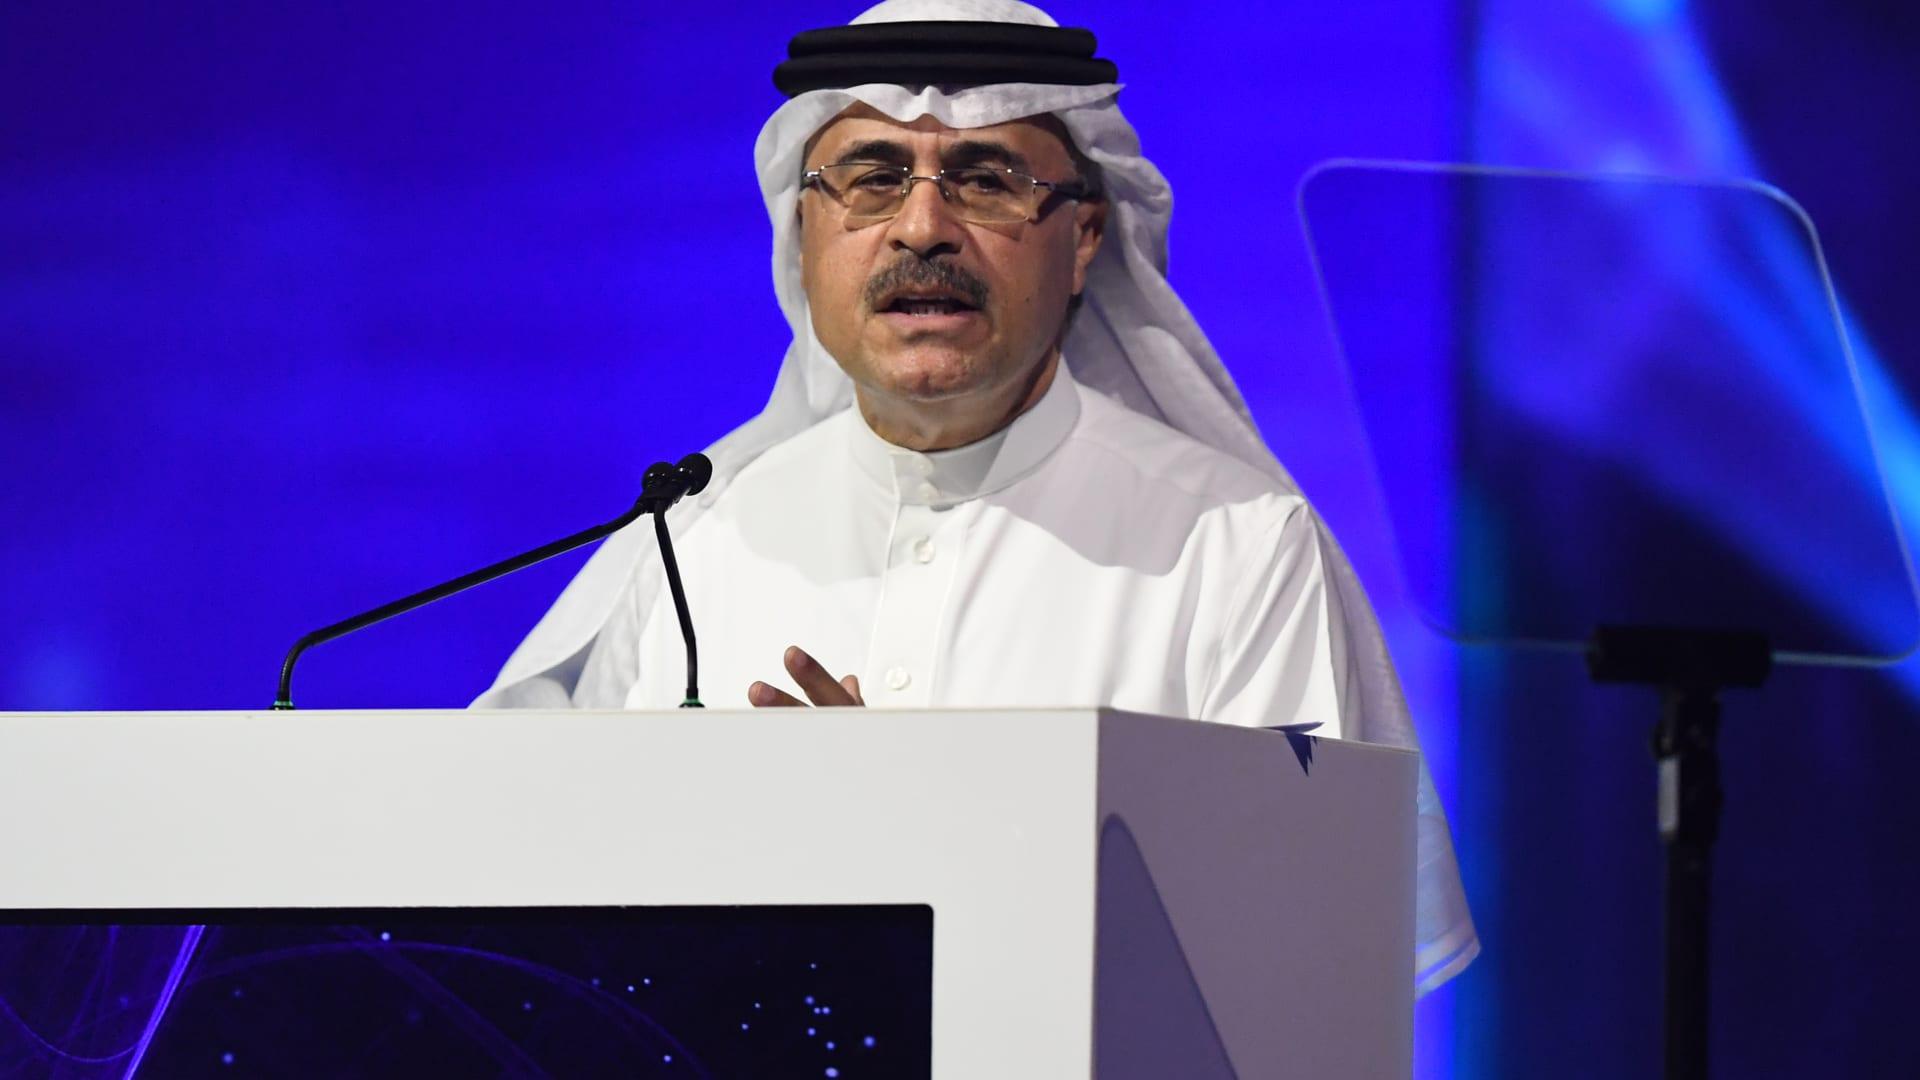 وزير الطاقة السعودي يكشف لـ CNN خطة عمله المقبلة